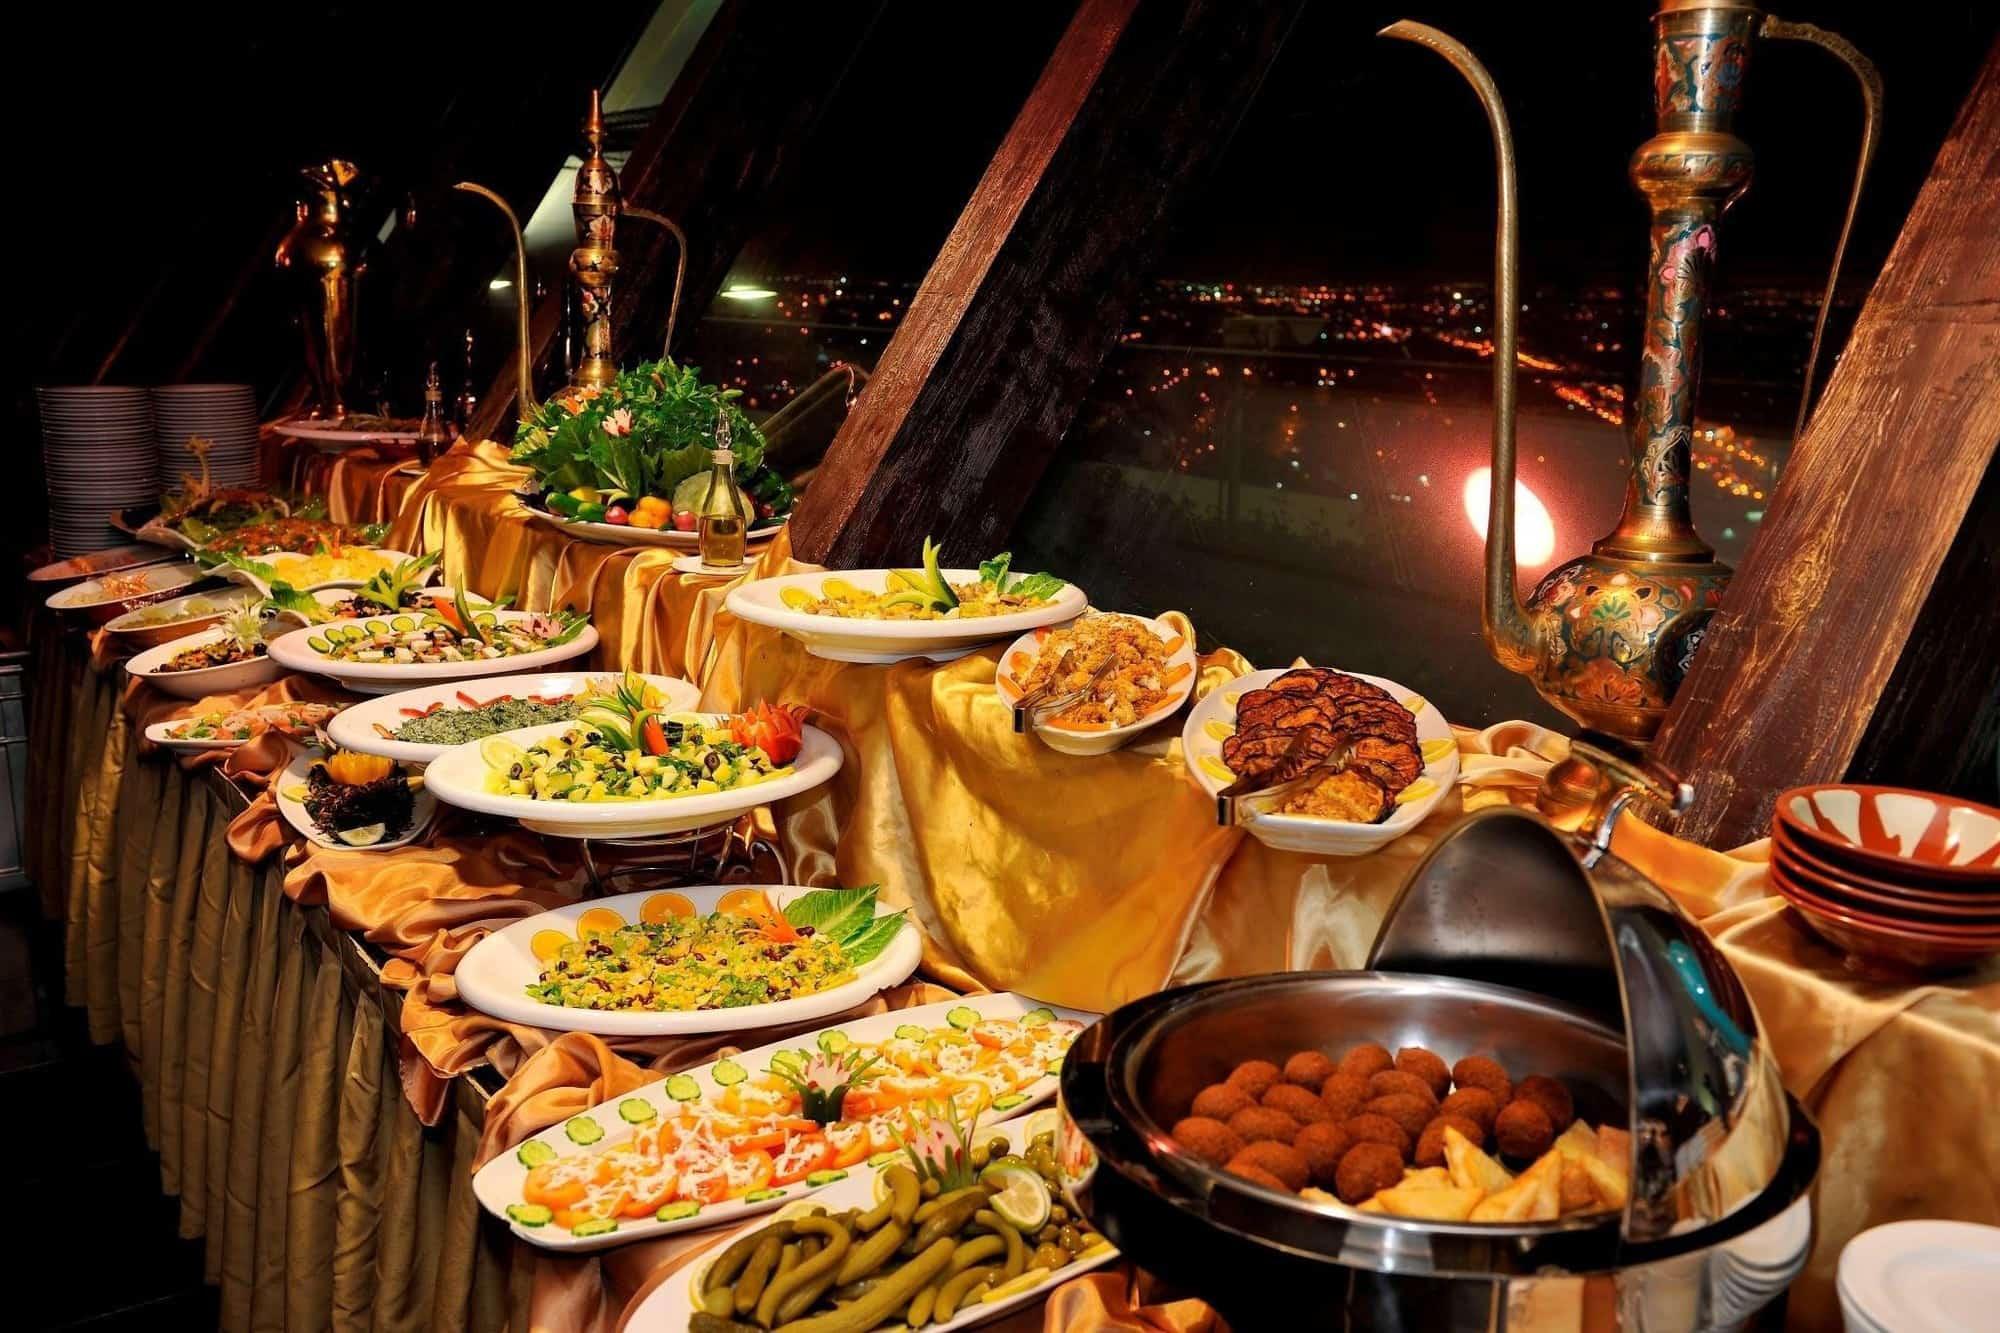 أفضل المطاعم الهندية في جدة موسوعة